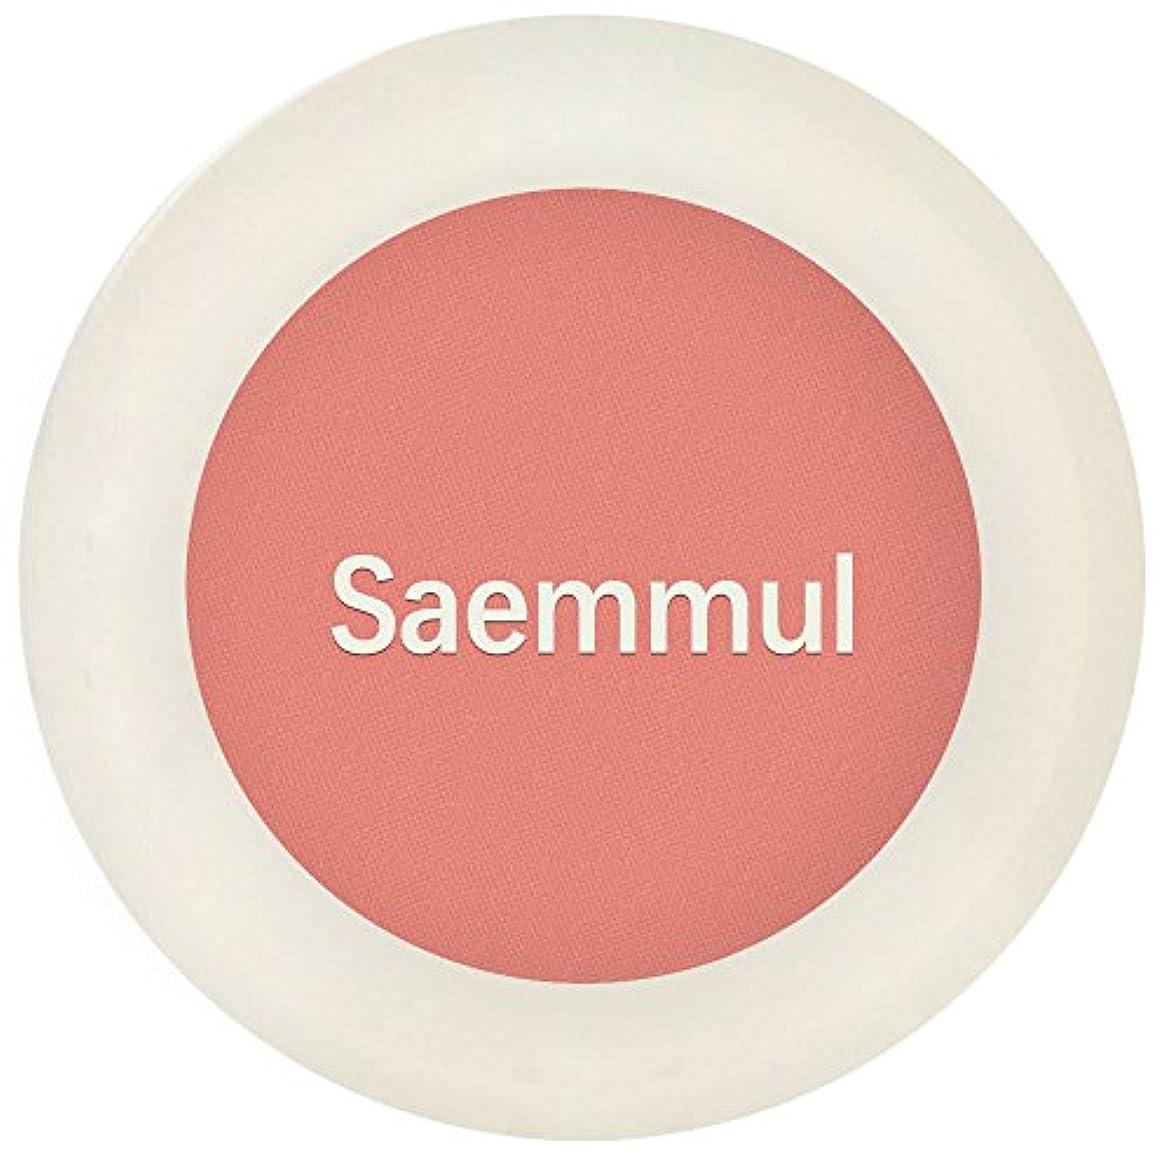 政治家のコモランマスローガン【the SAEM(ザ セム)】センムル シングル シャドウ (マット) I (7カラー選択1) (PK02)